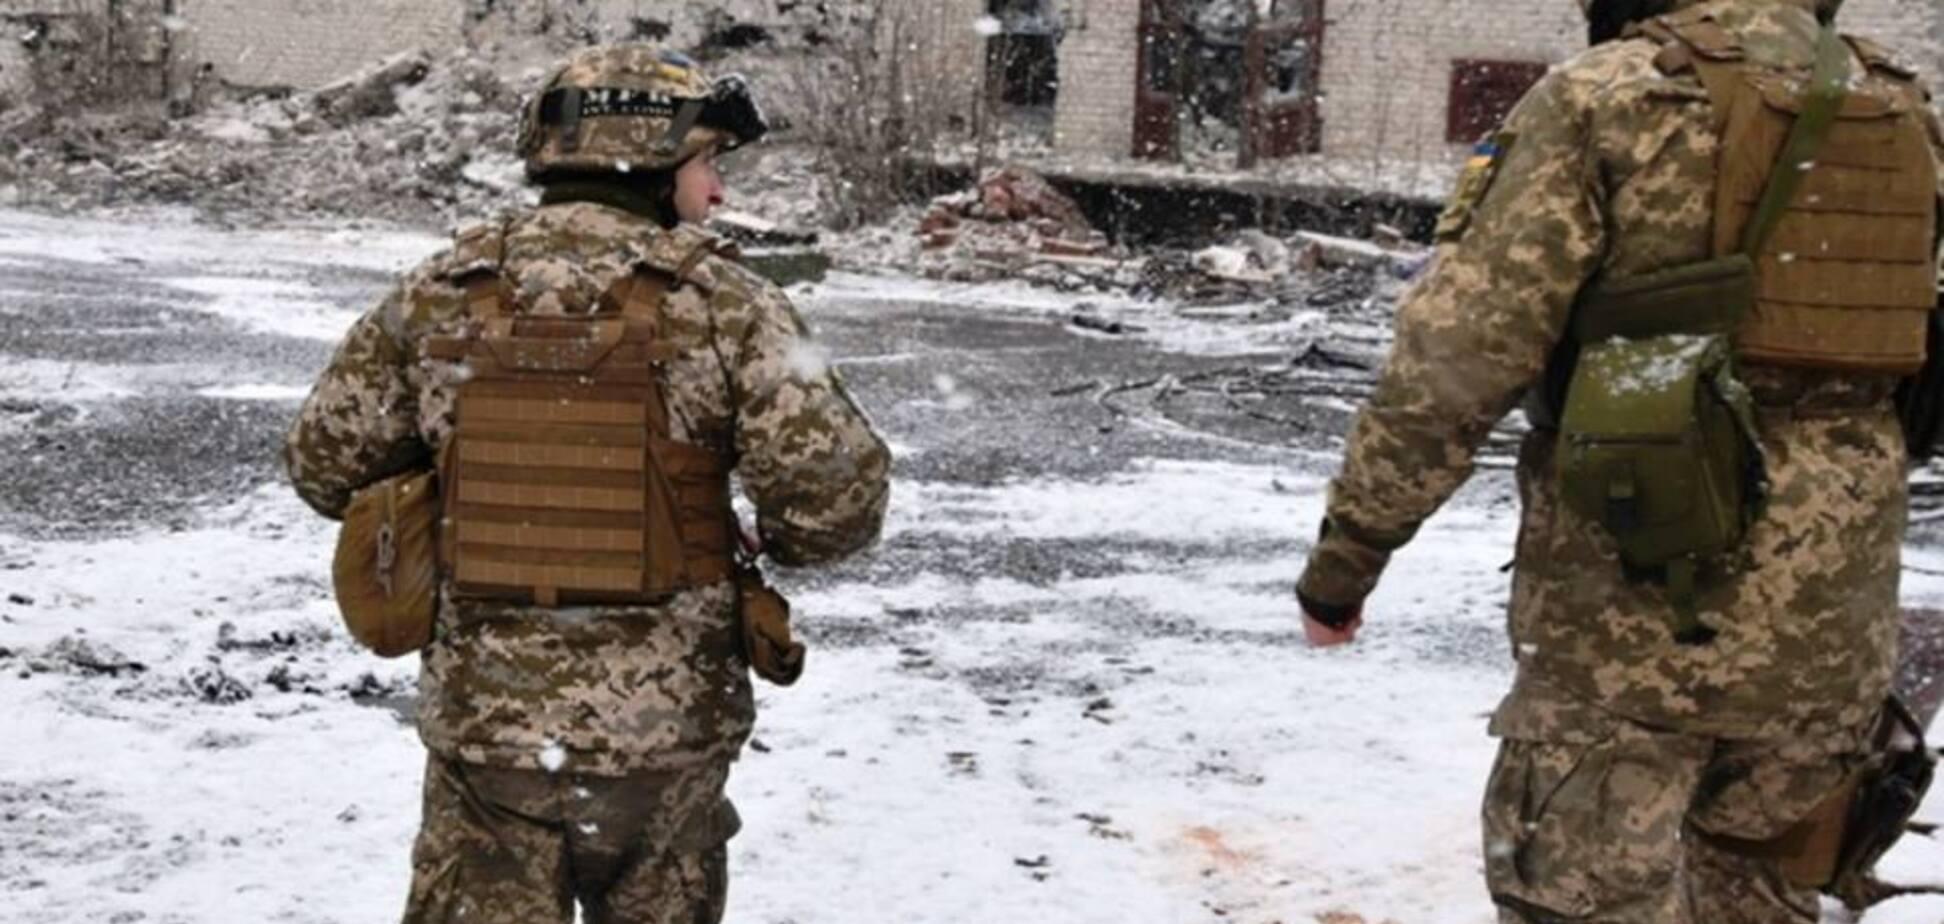 Ругань и угрозы: ВСУ рассказали о поведении пьяных террористов на Донбассе